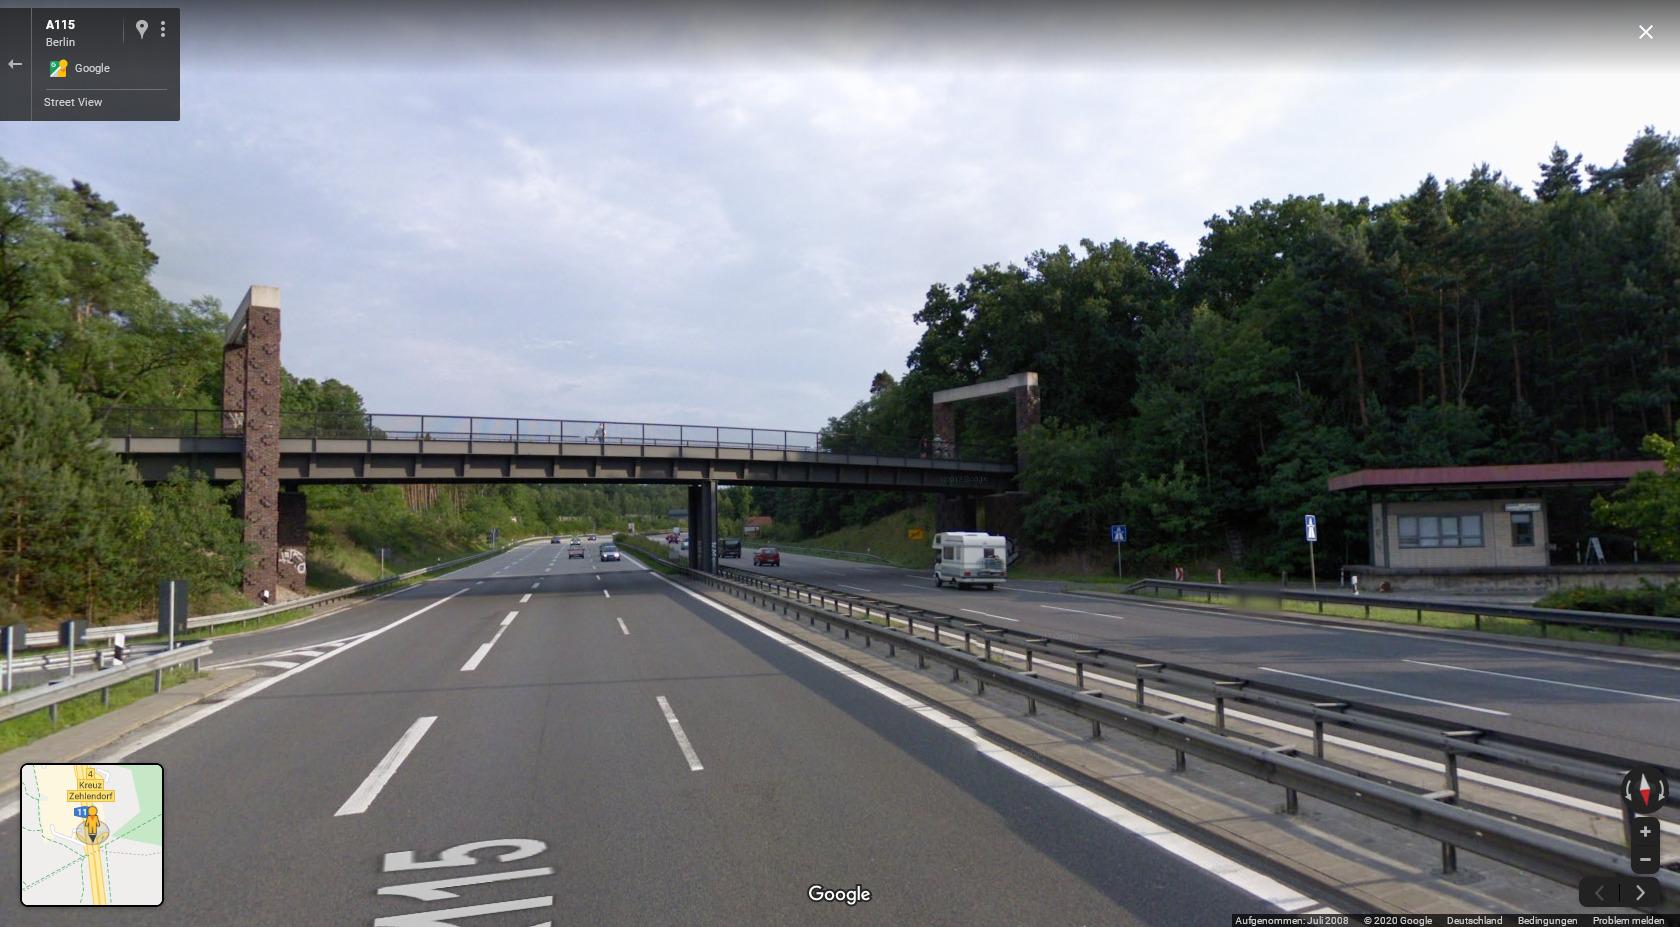 Google Maps: Grenzübergang Dreilinden bzw. Checkpoint Bravo